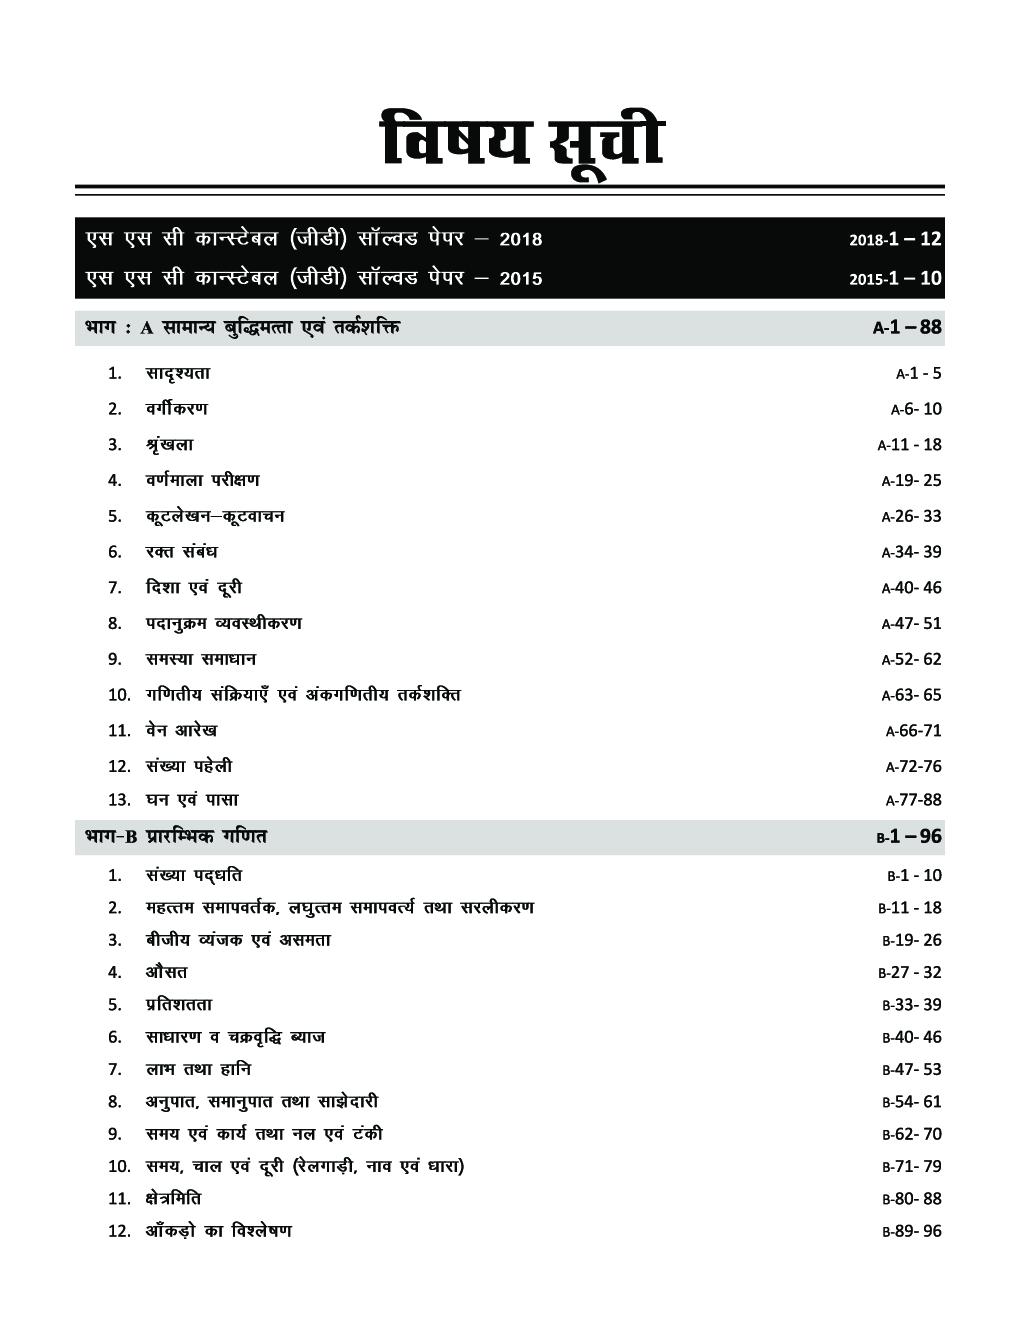 सम्पूर्ण गाइड कांस्टेबल & राइफलमैन (जी.डी.) भर्ती परीक्षा 2nd Edition  - Page 4